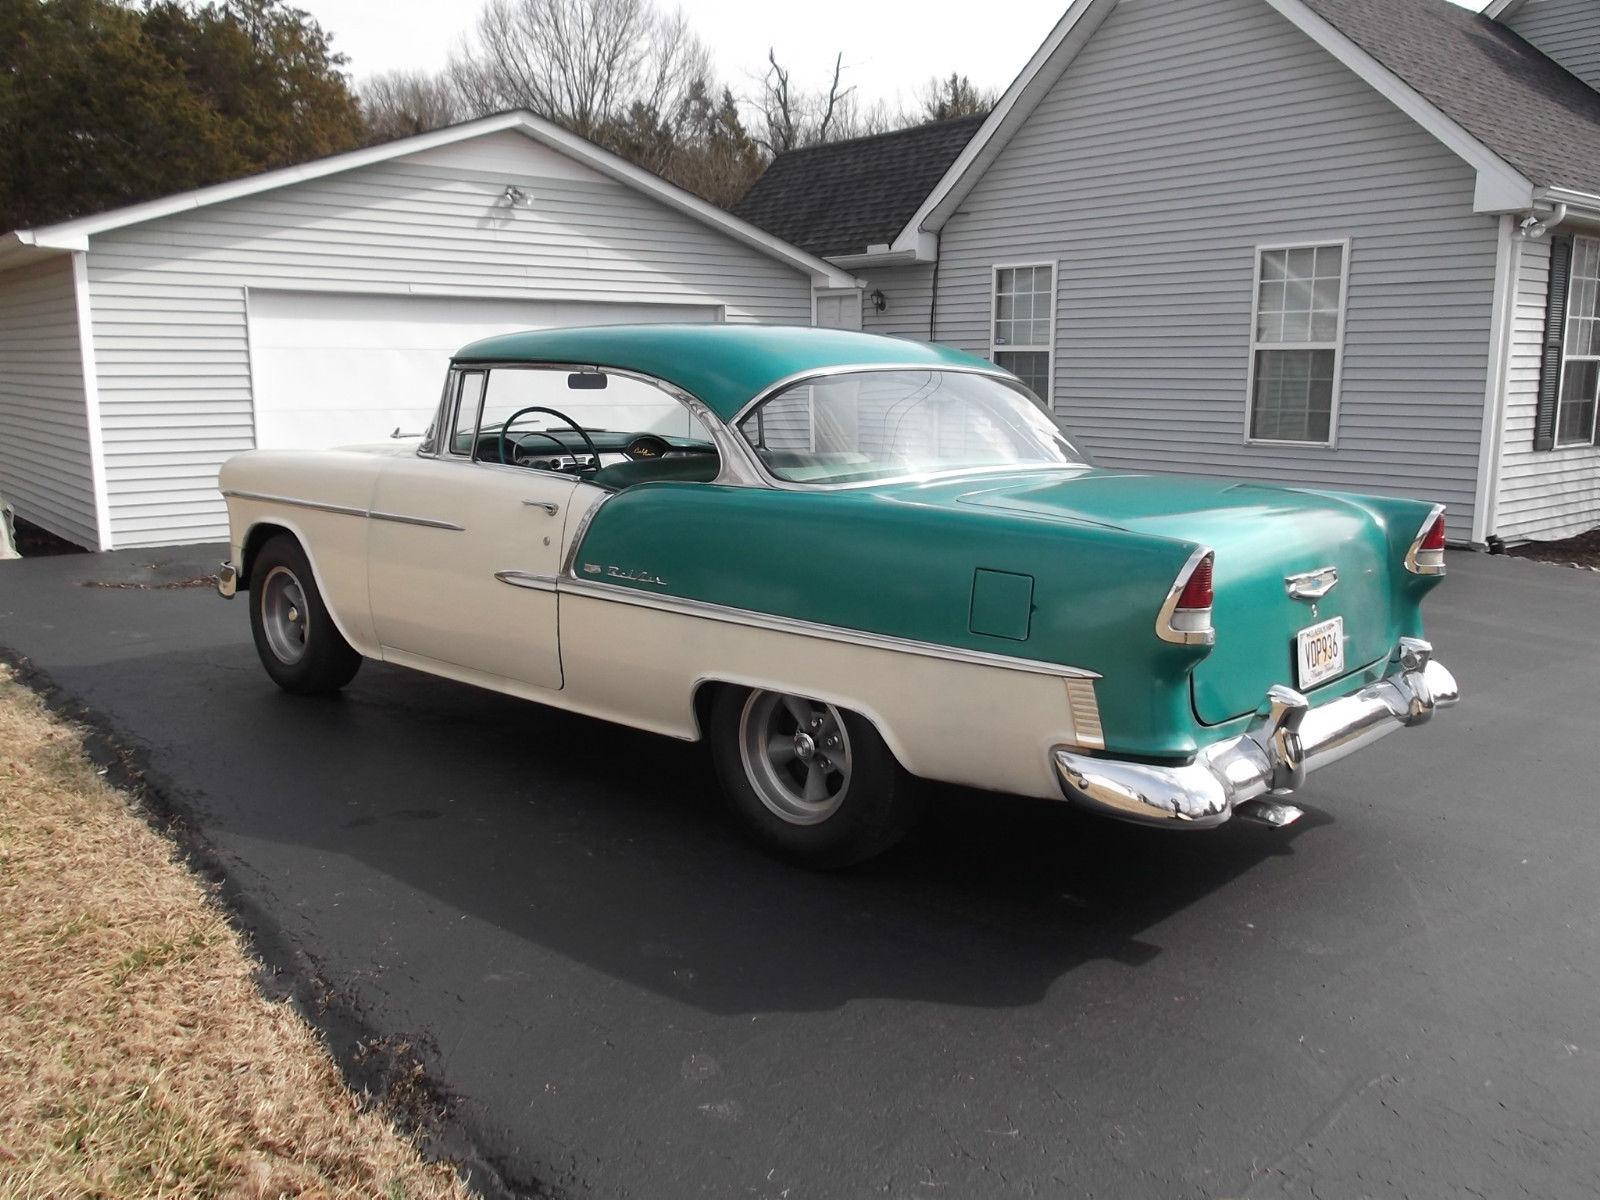 1955 chevy bel air two door hardtop 58 000 original for 1955 chevy bel air door panels